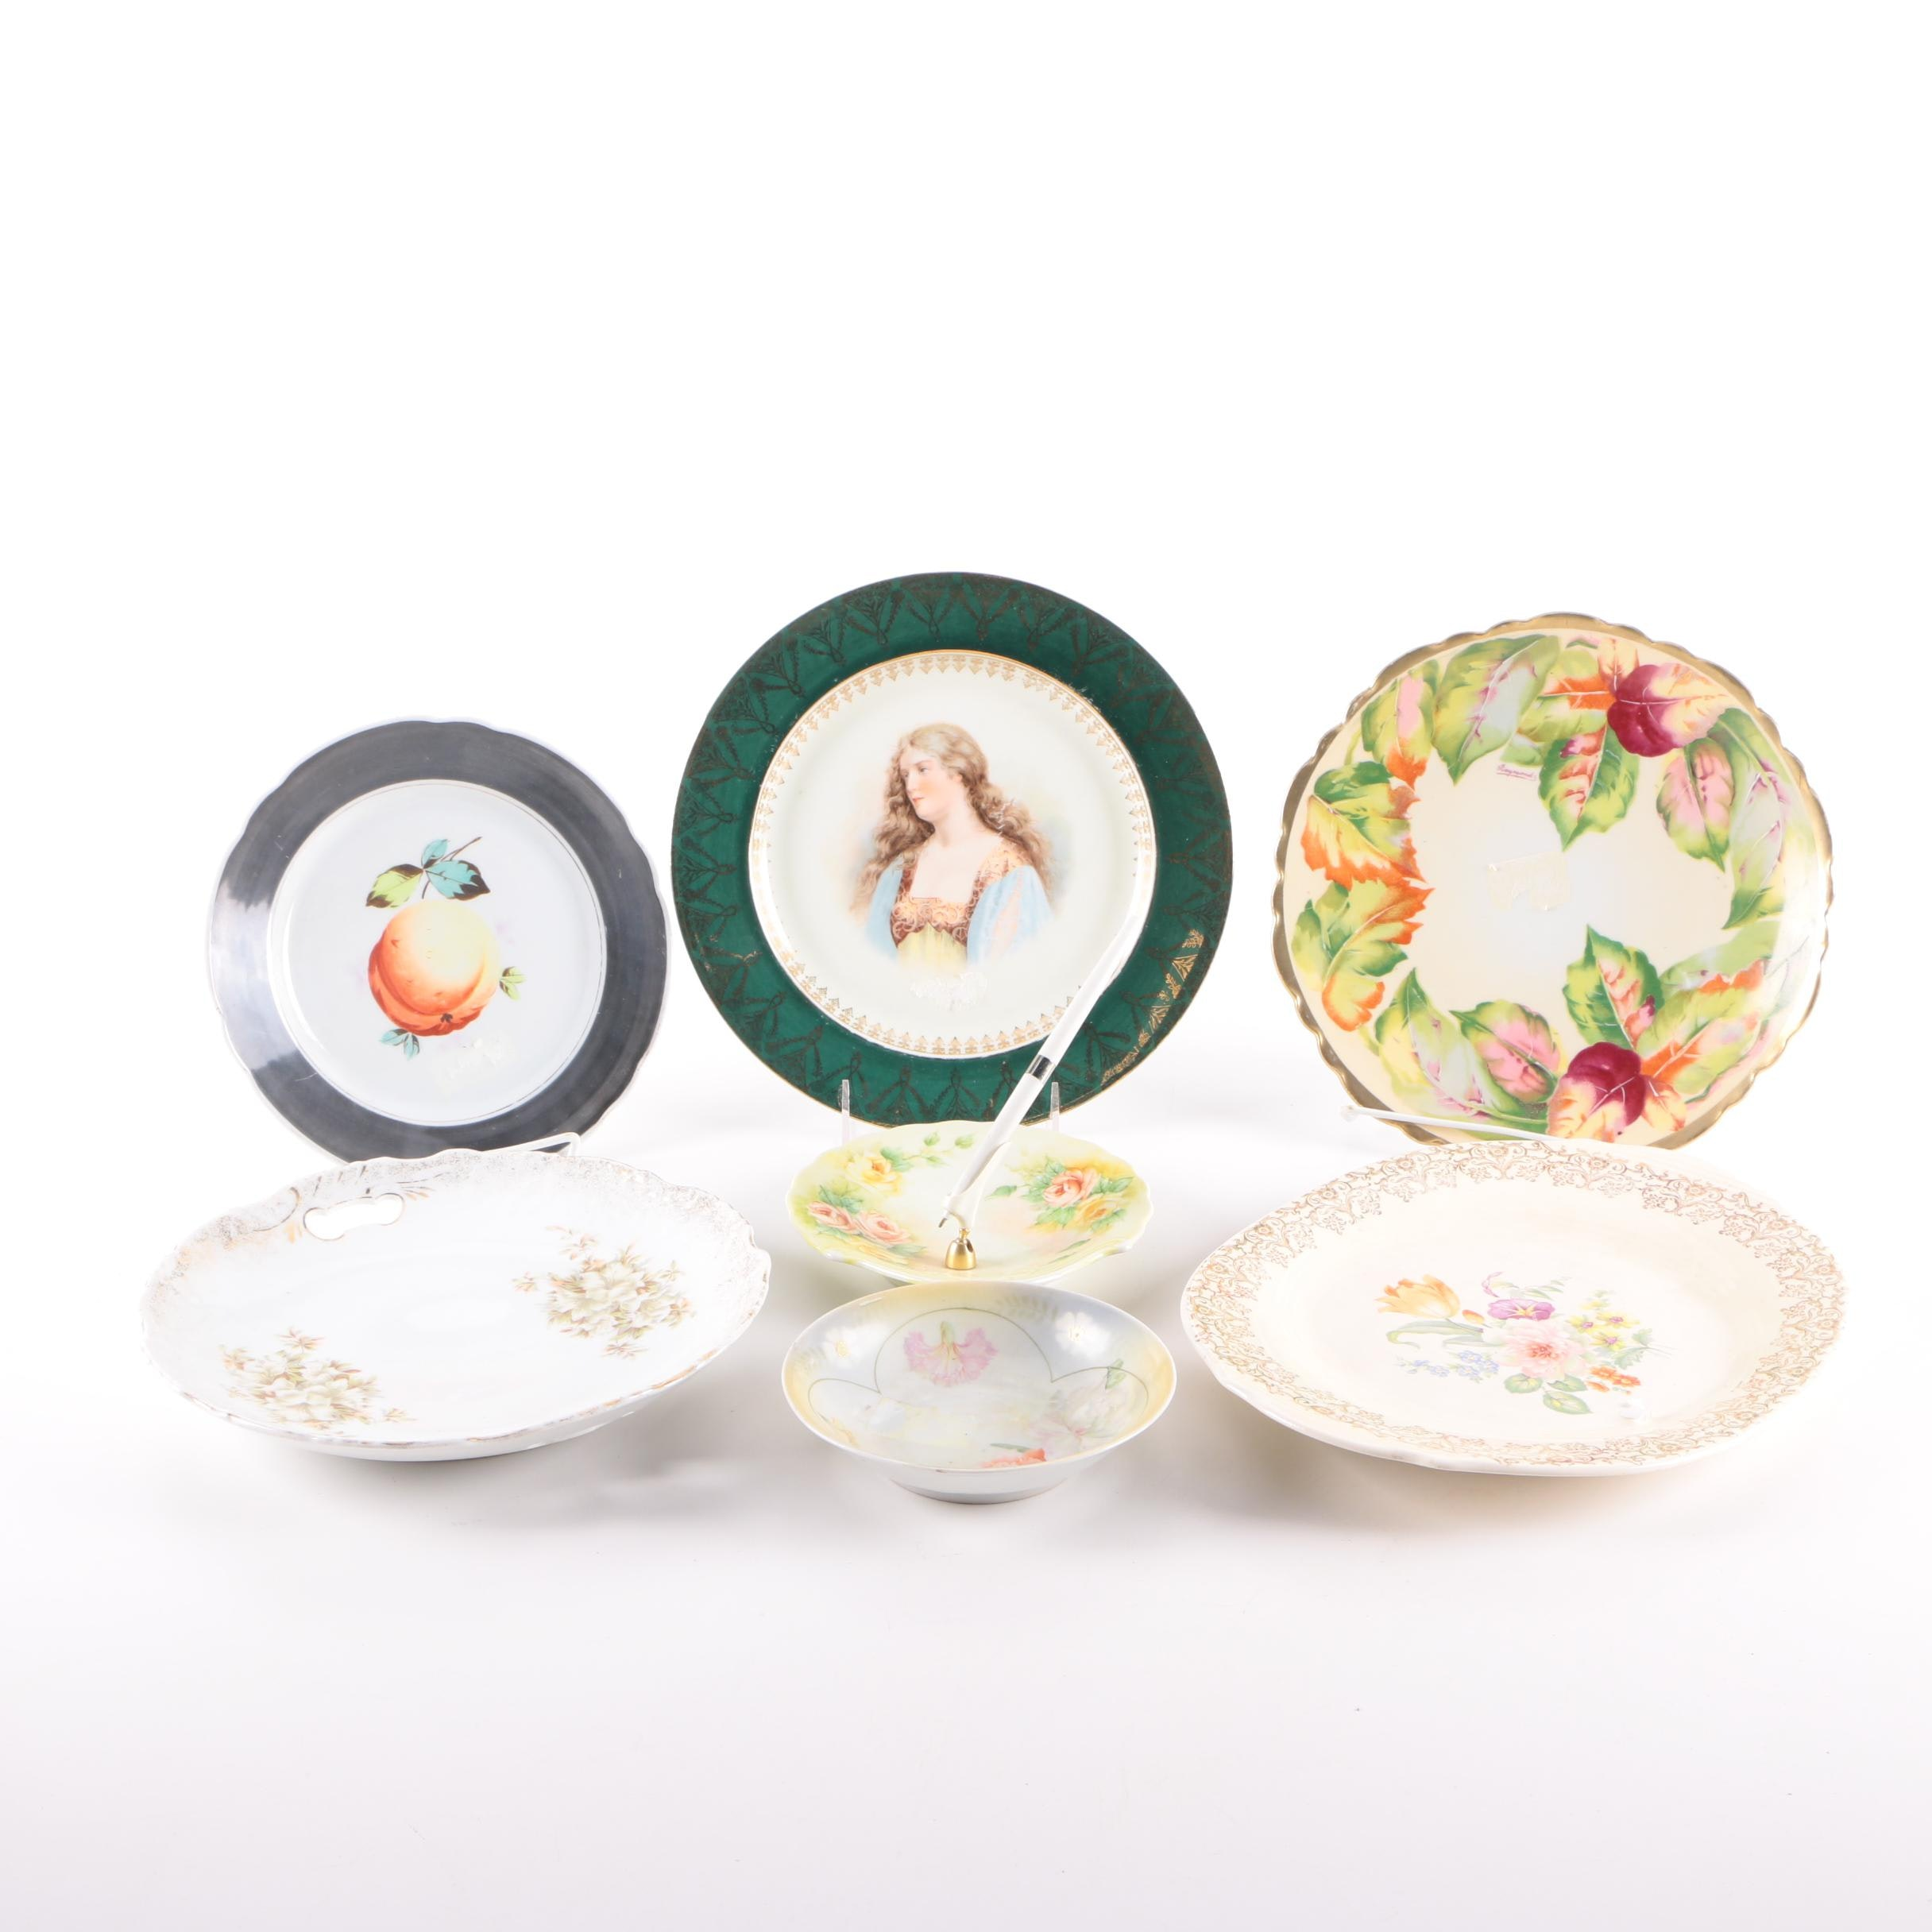 Vintage Porcelain Plates and Pen Holder